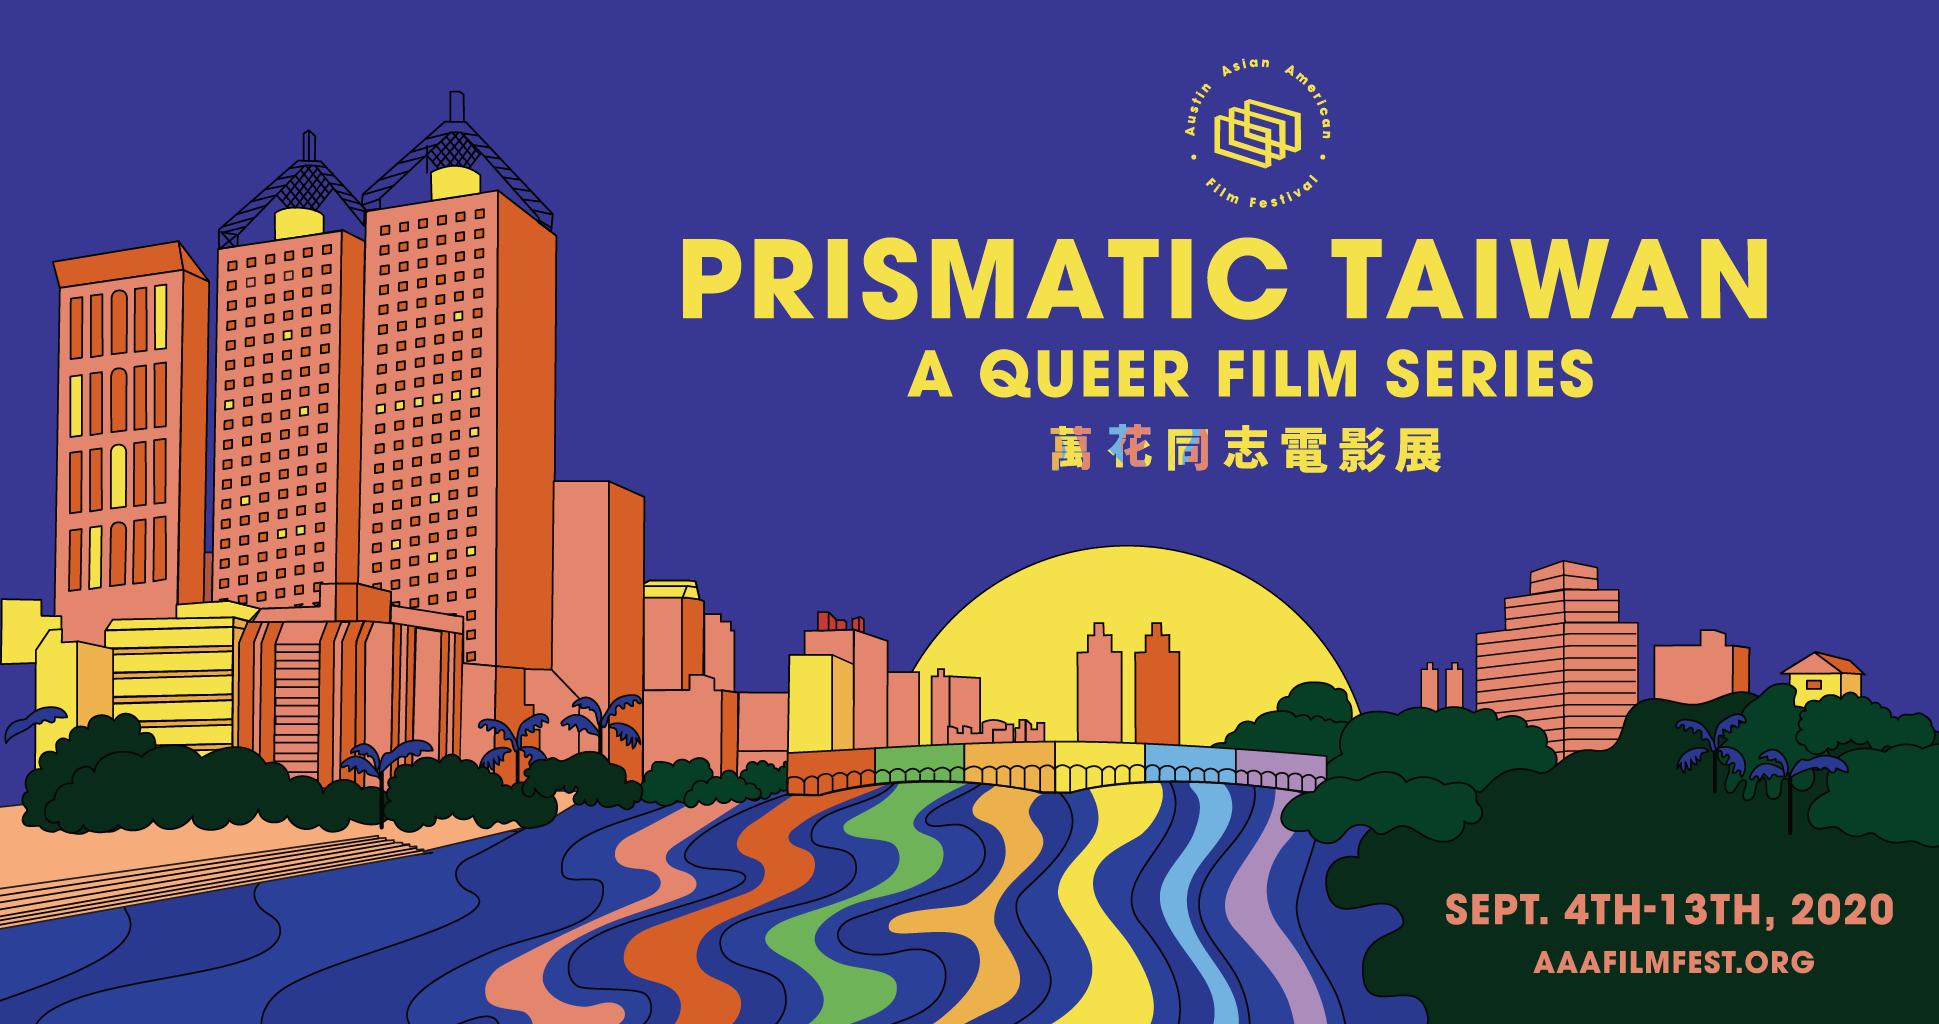 Prismatic Taiwan